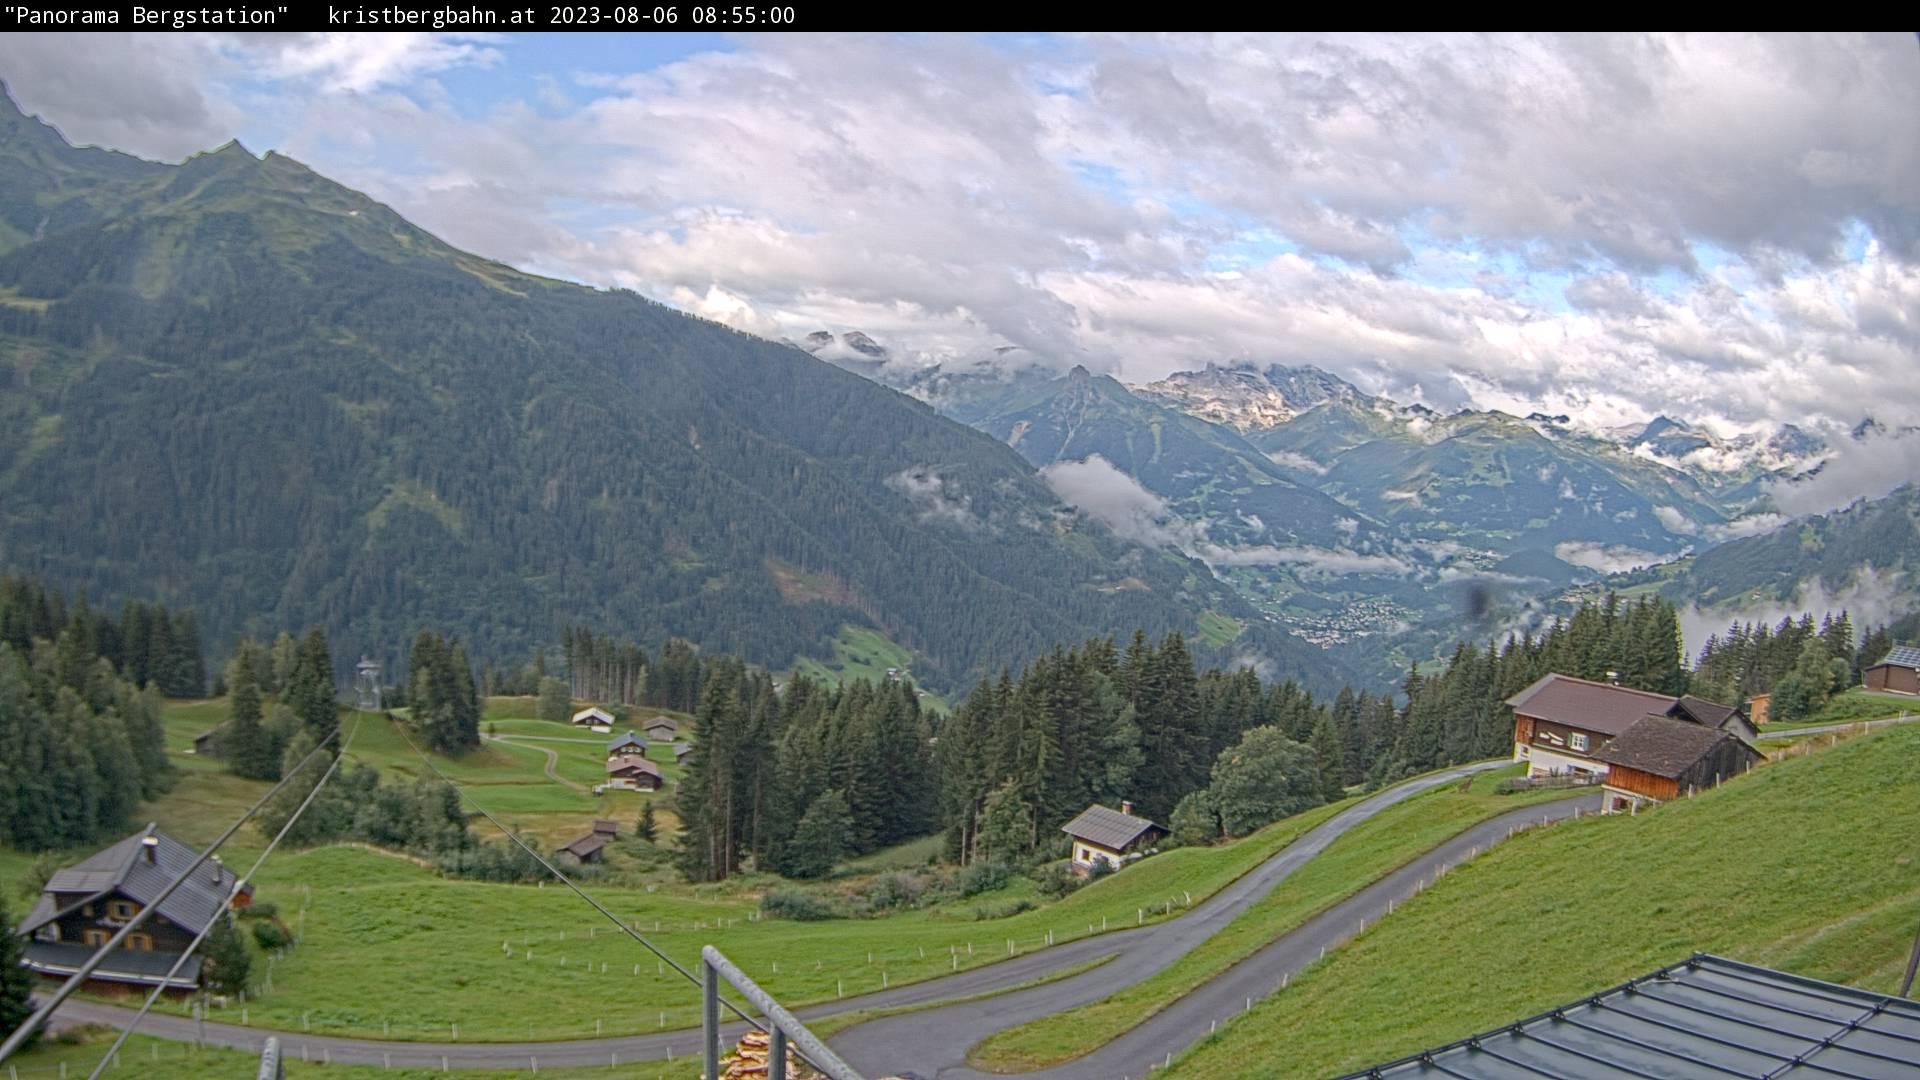 Die Webcam mit diesem Livebild zeigt den Blick auf die Verwall- und Rätikongebirgsgruppe mit Schruns-Tschagguns, Latschau, Golm, Innerberg und Teile vom Kristberg.